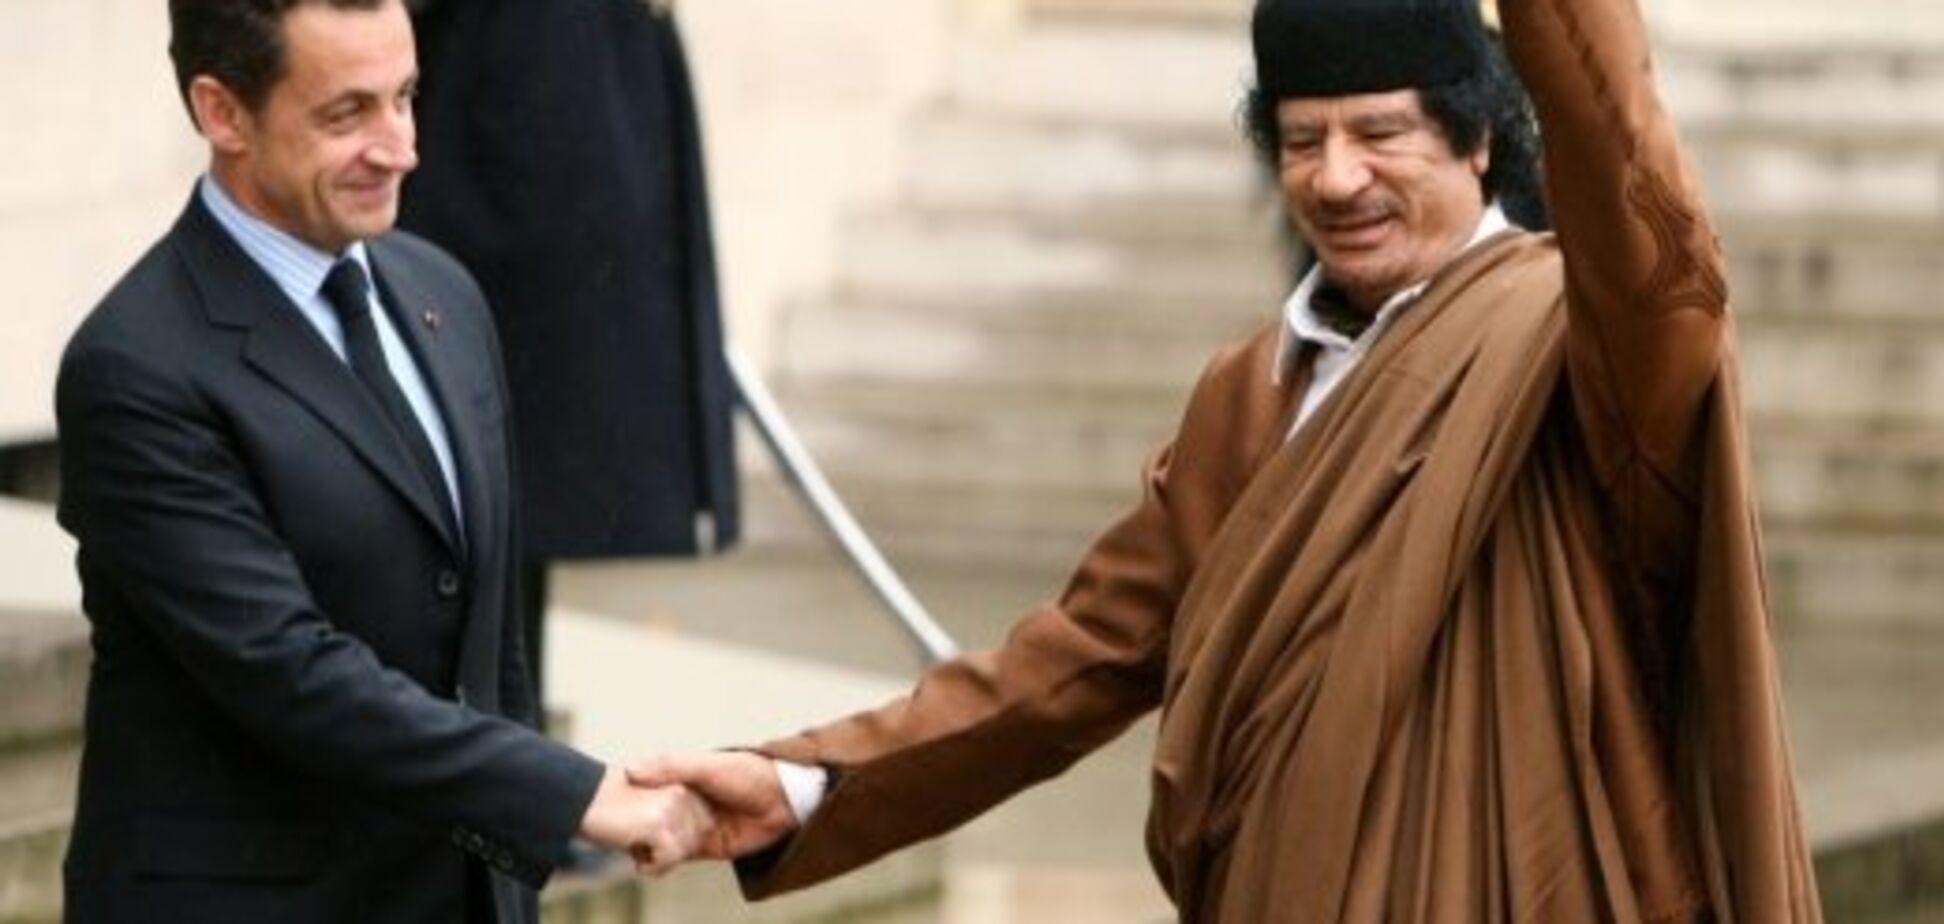 Экс-президенту Франции Саркози предъявили обвинения